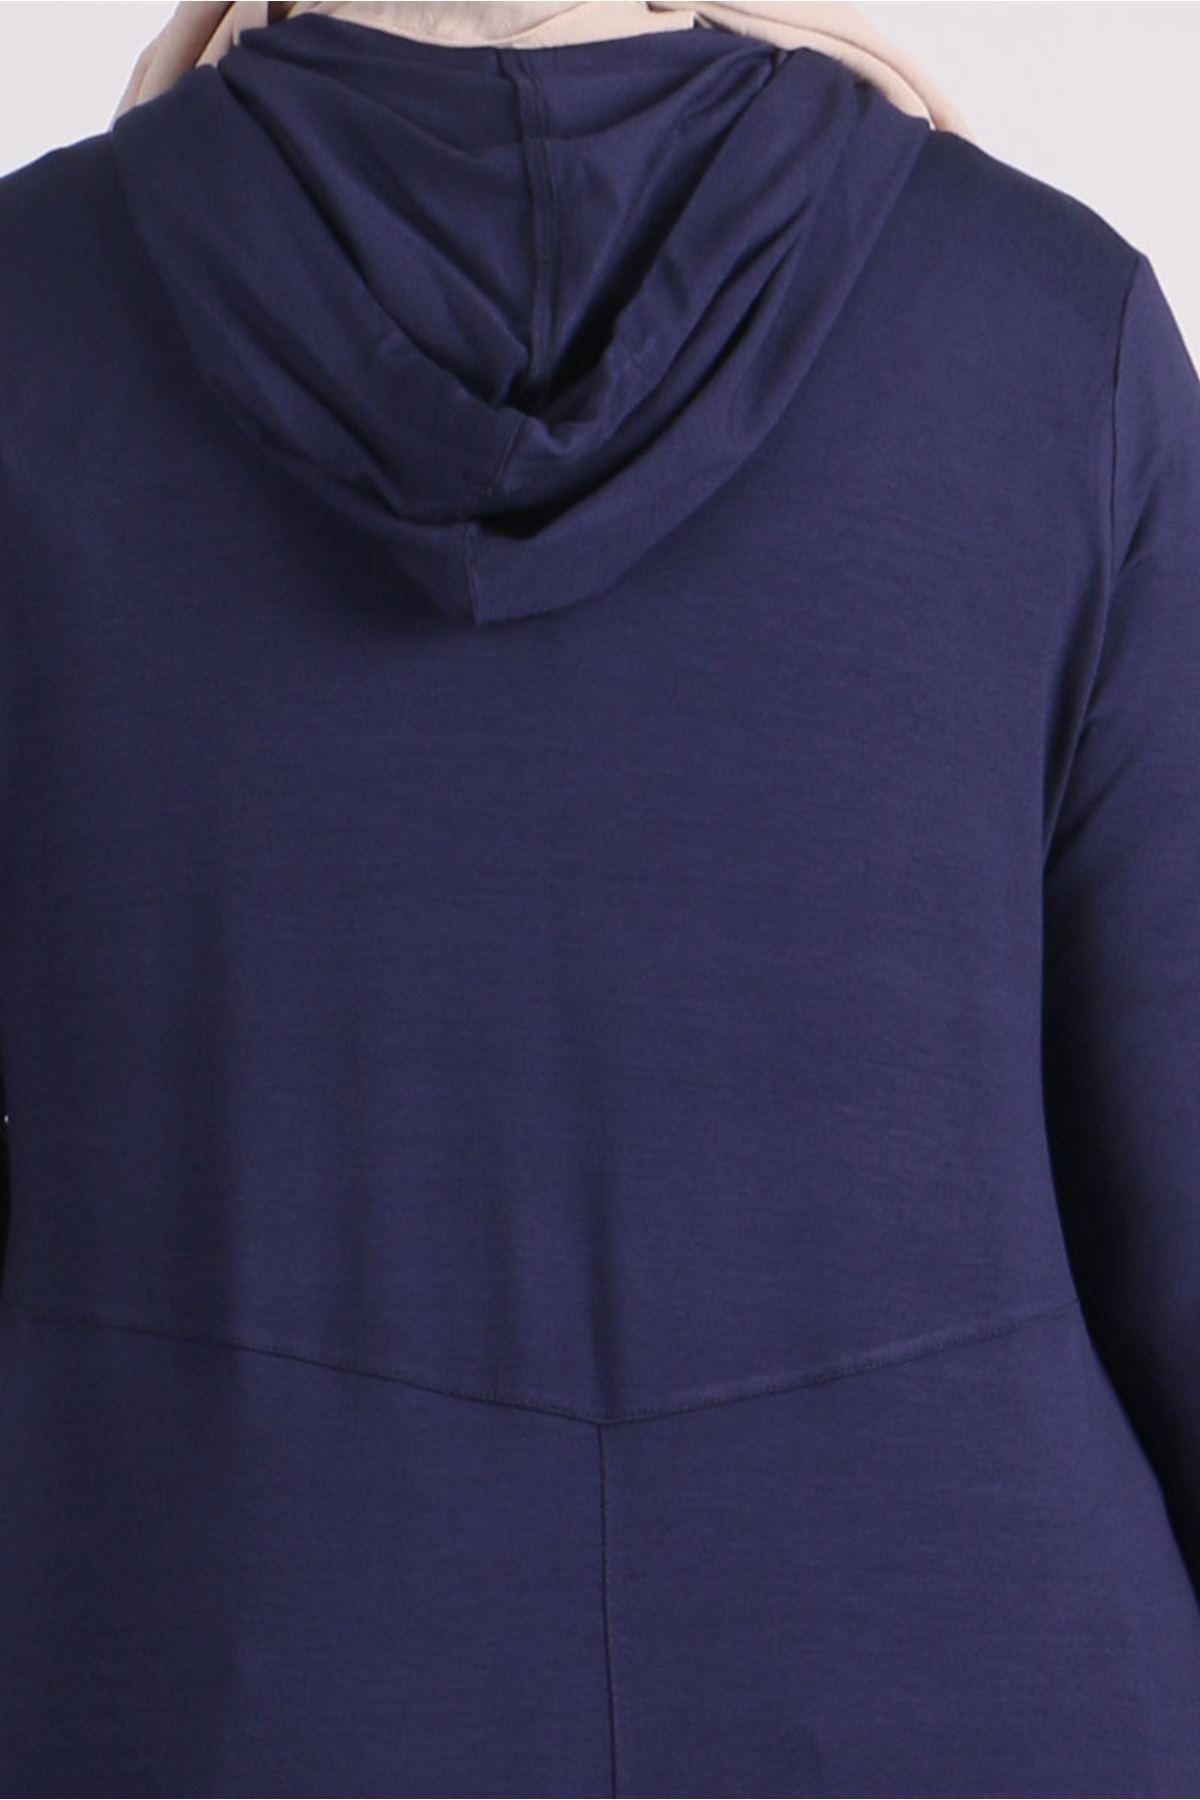 3155 Büyük Beden Penye Fermuarlı Ceket - Lacivert